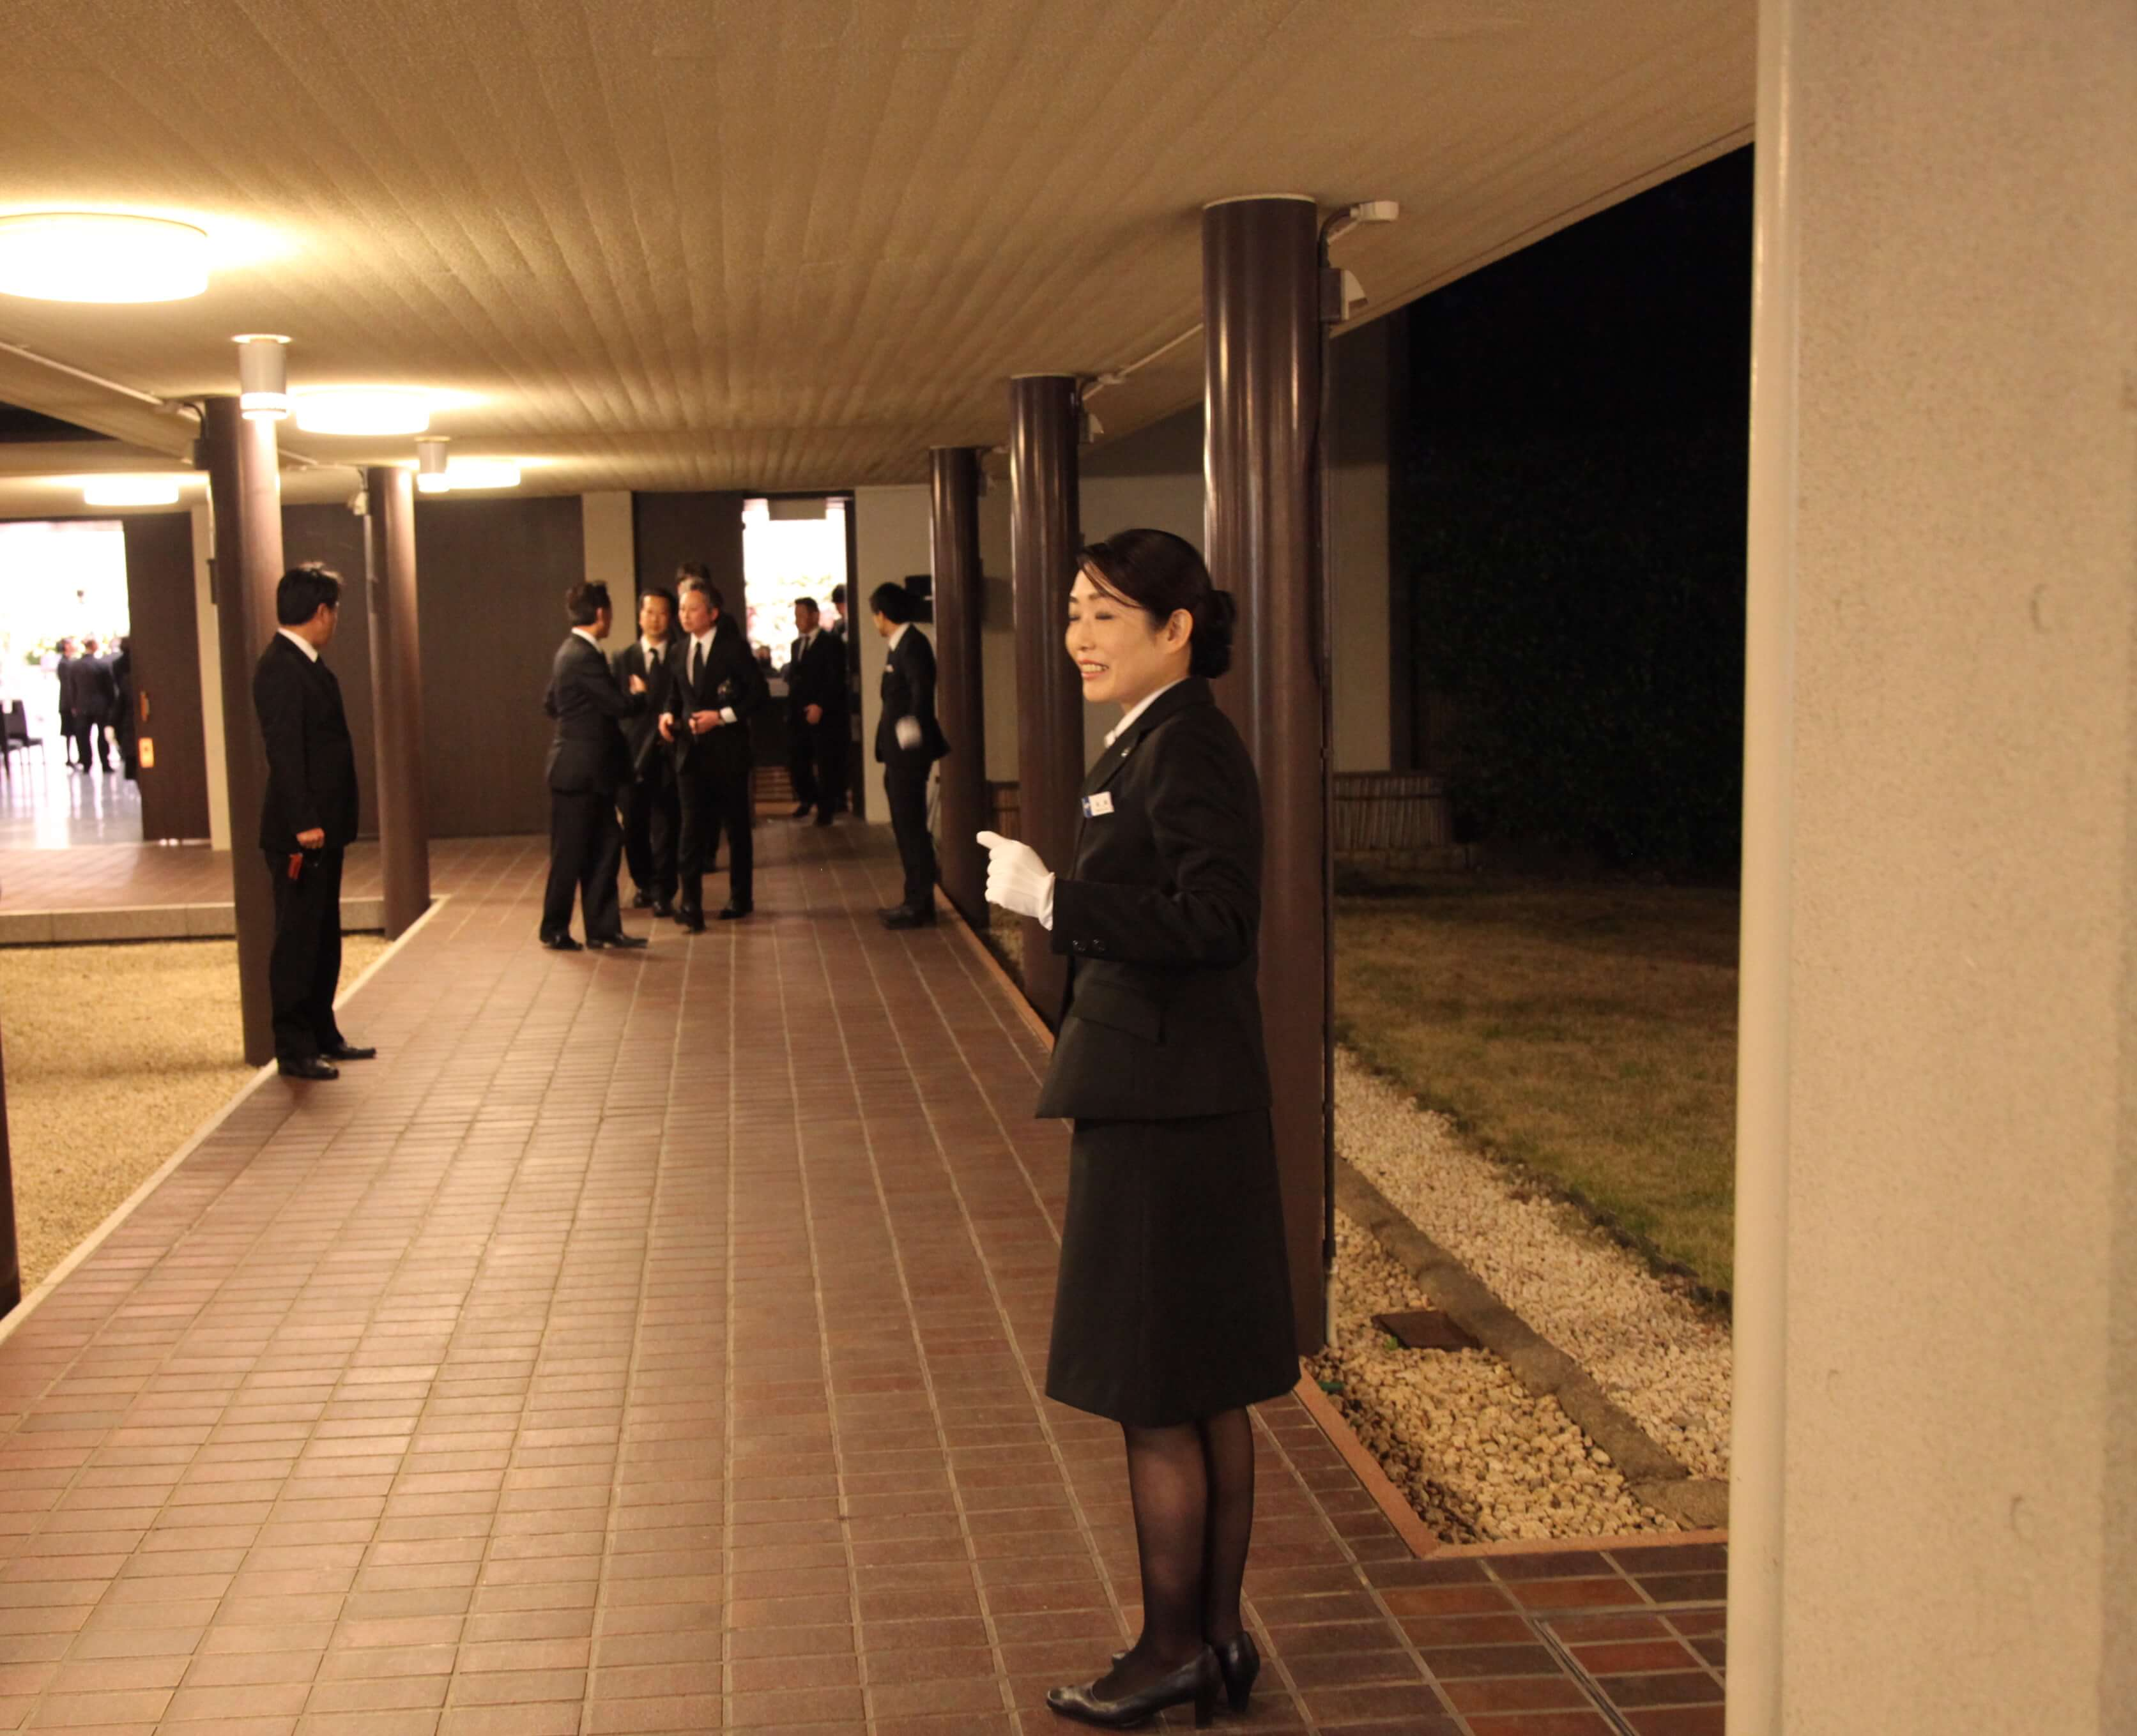 コムウェル品質「社葬専門チーム」